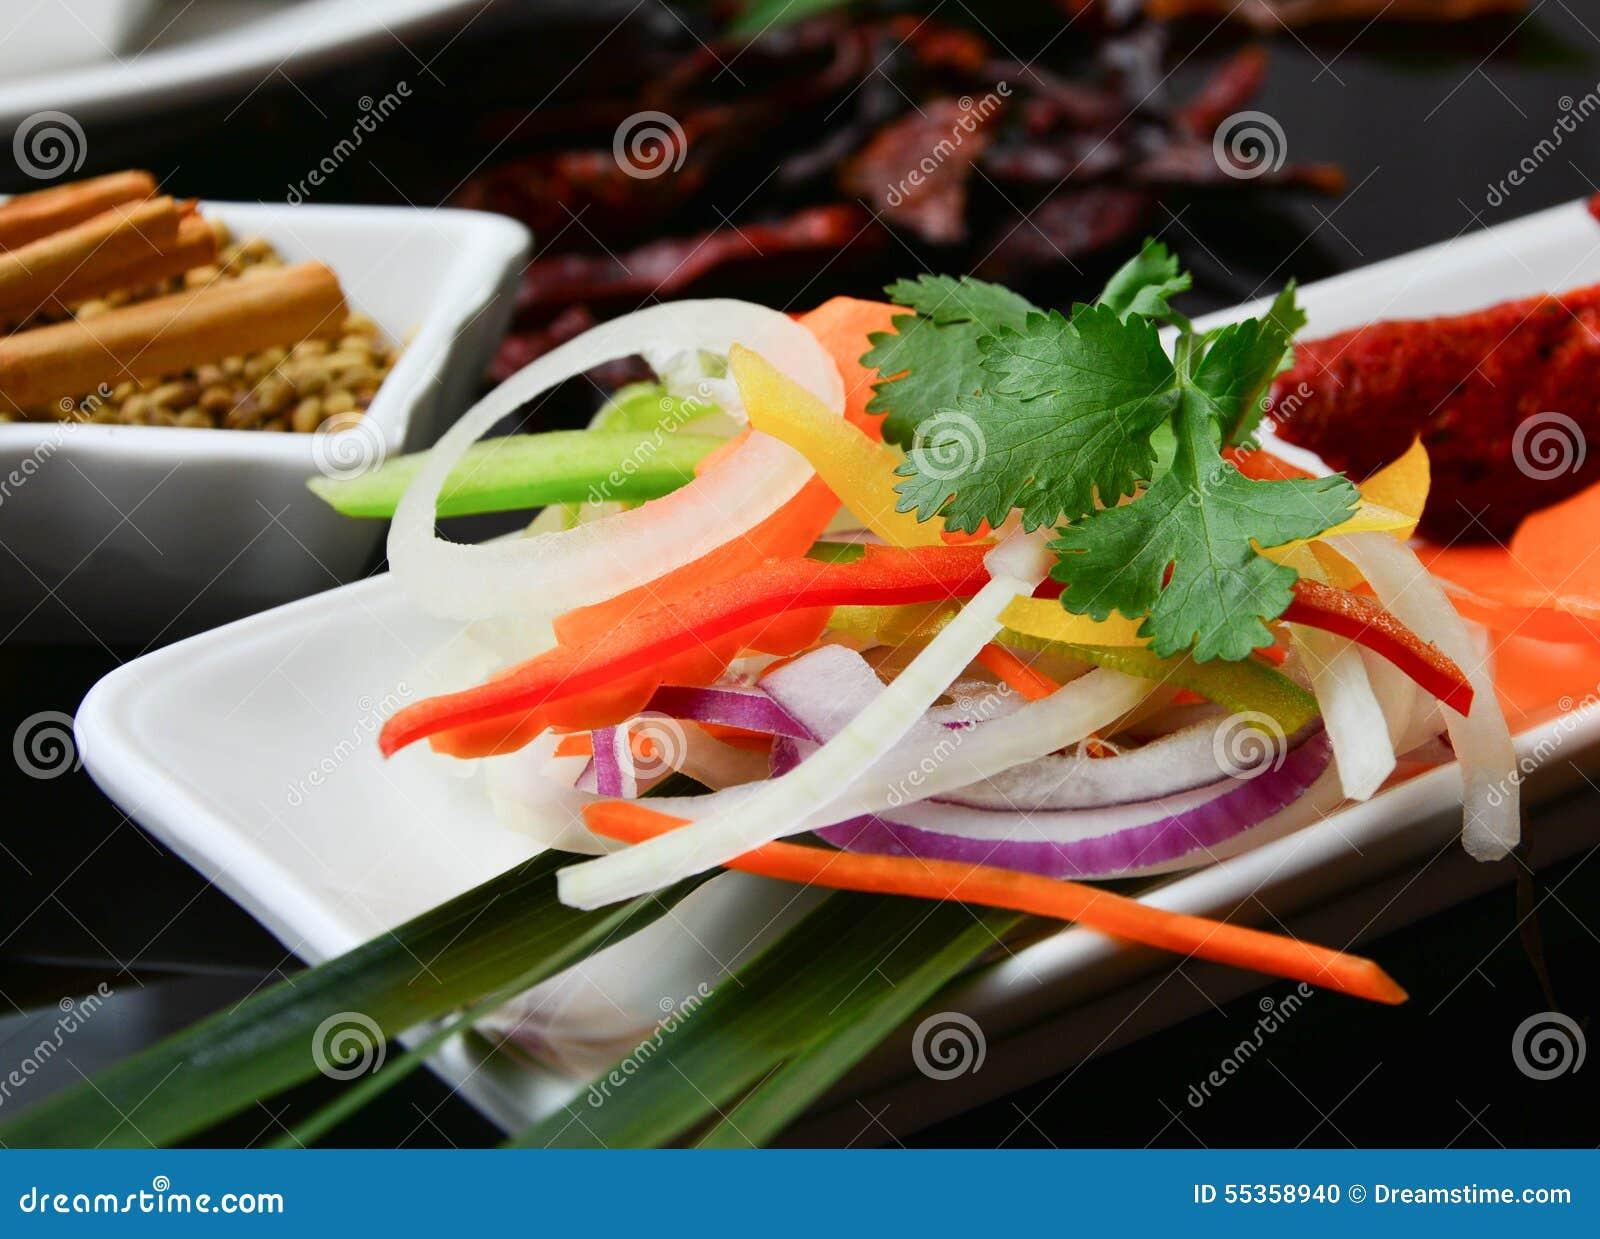 Insalata per accompagnare piatto principale indiano